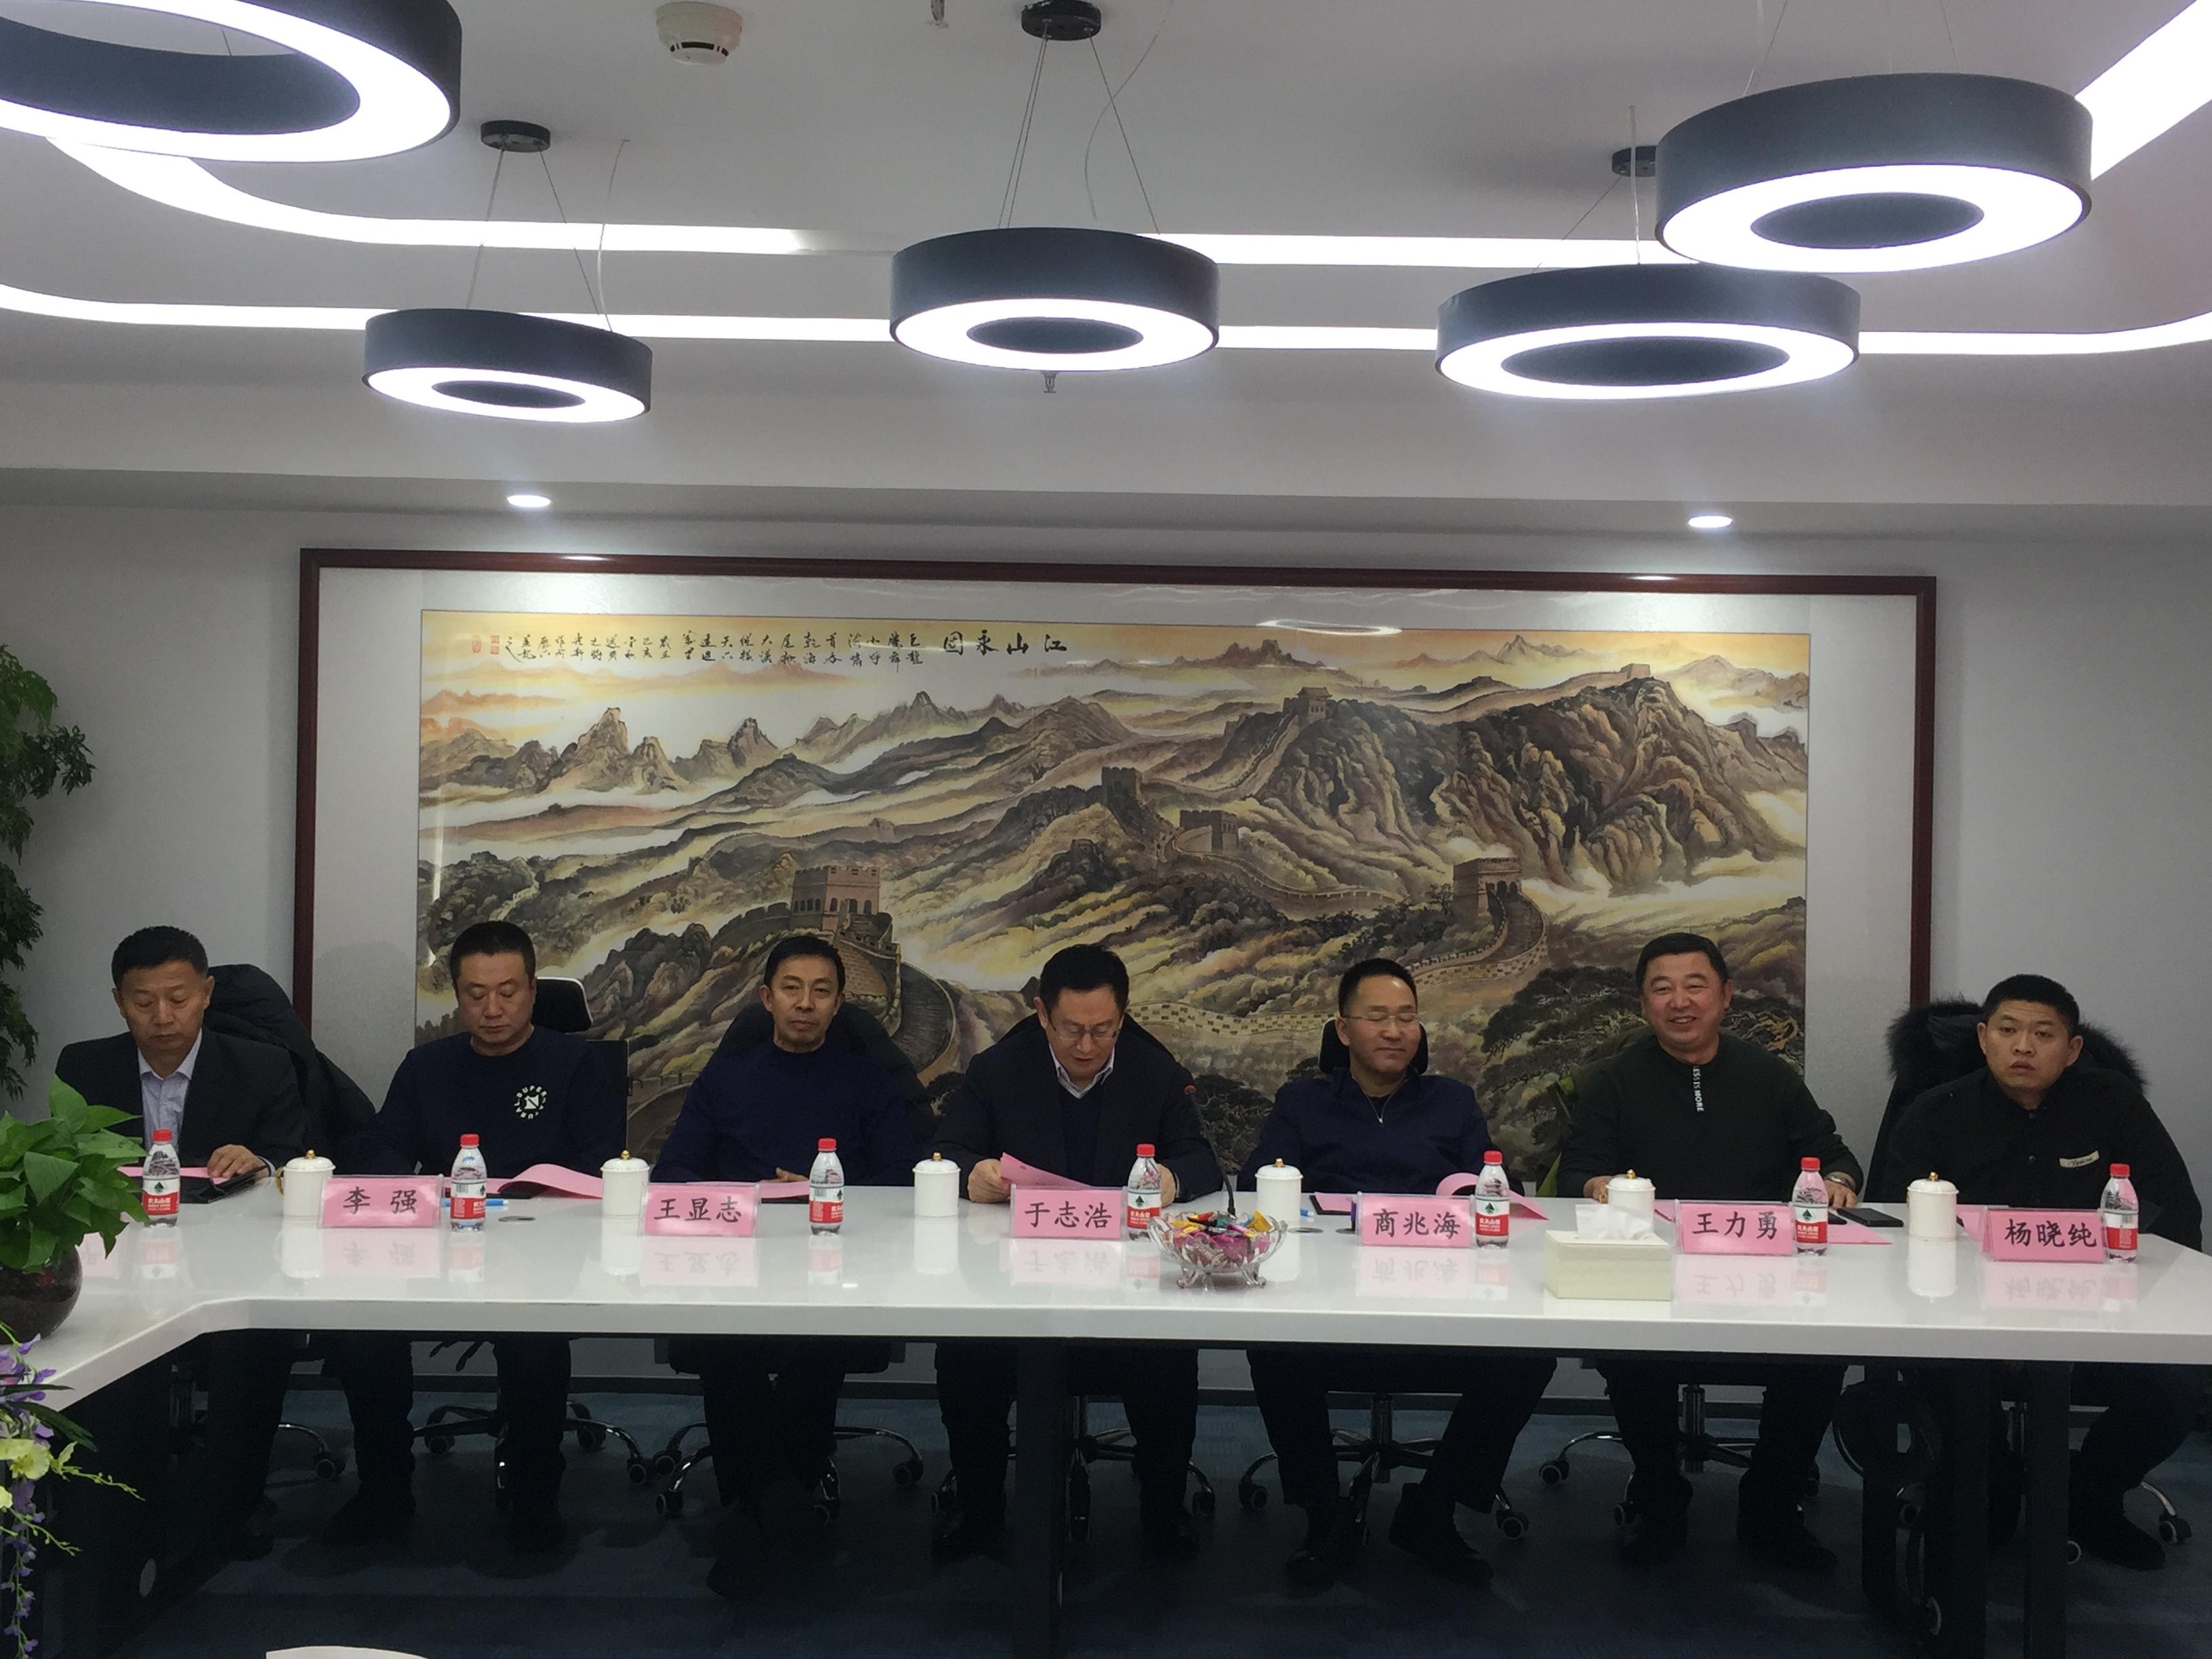 热烈欢迎大兴安岭林业局领导莅临我司指导考察